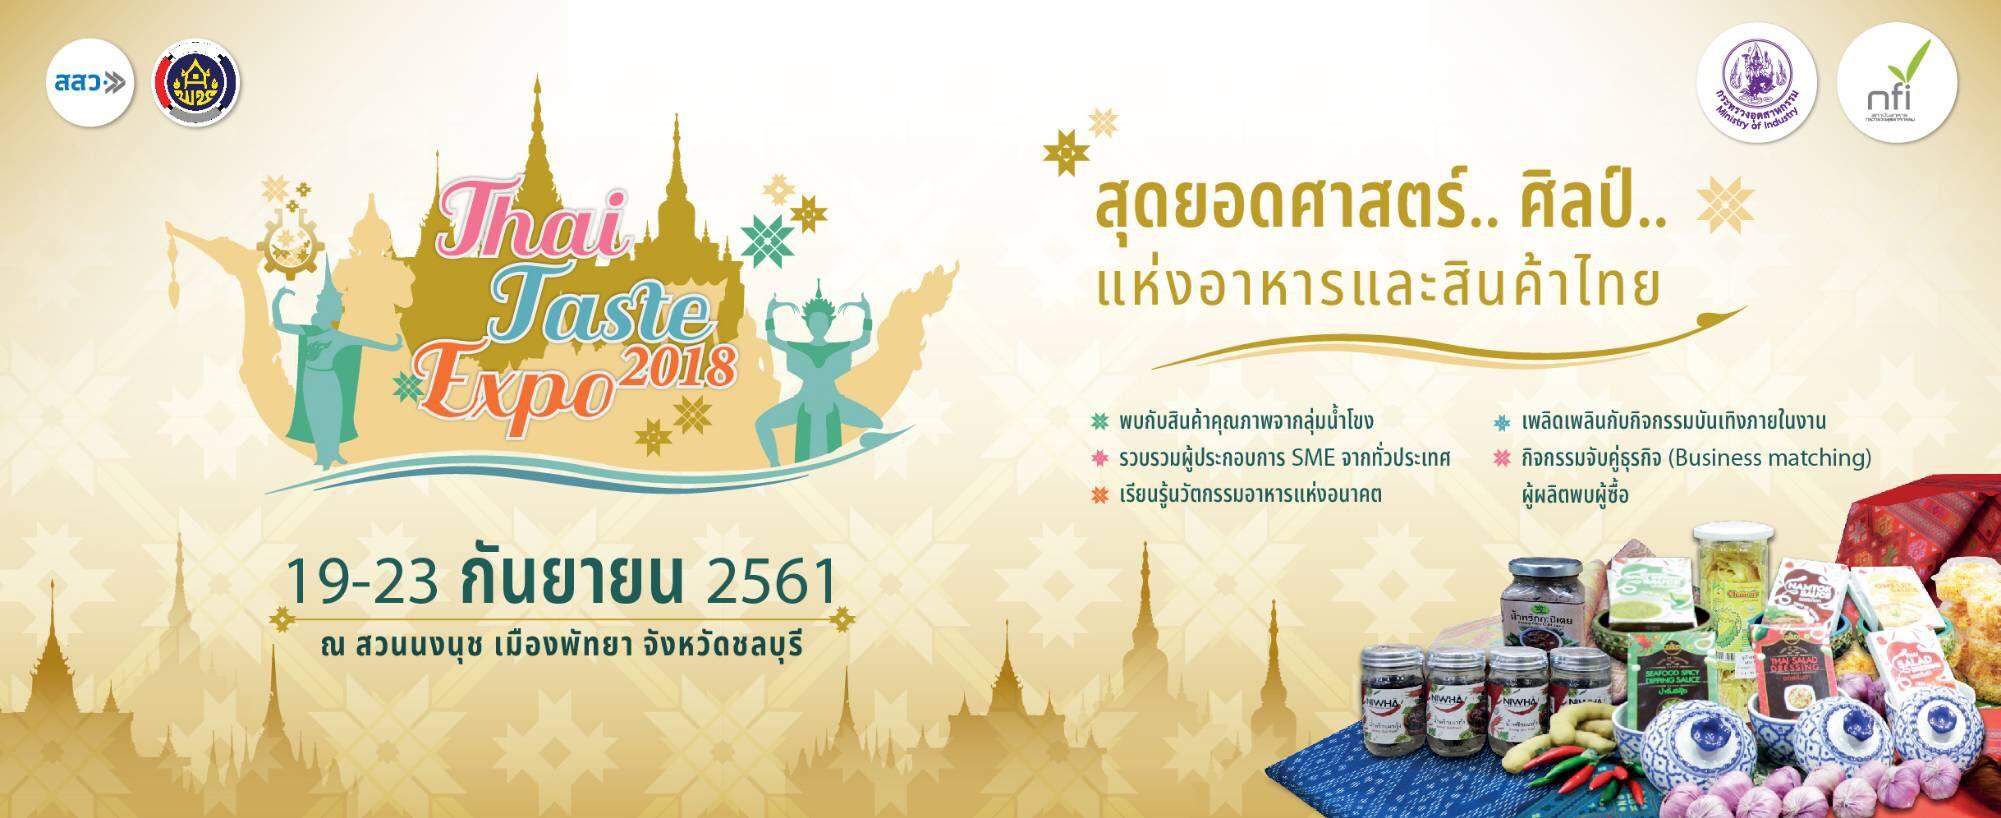 งาน Thai Taste Expo 2018